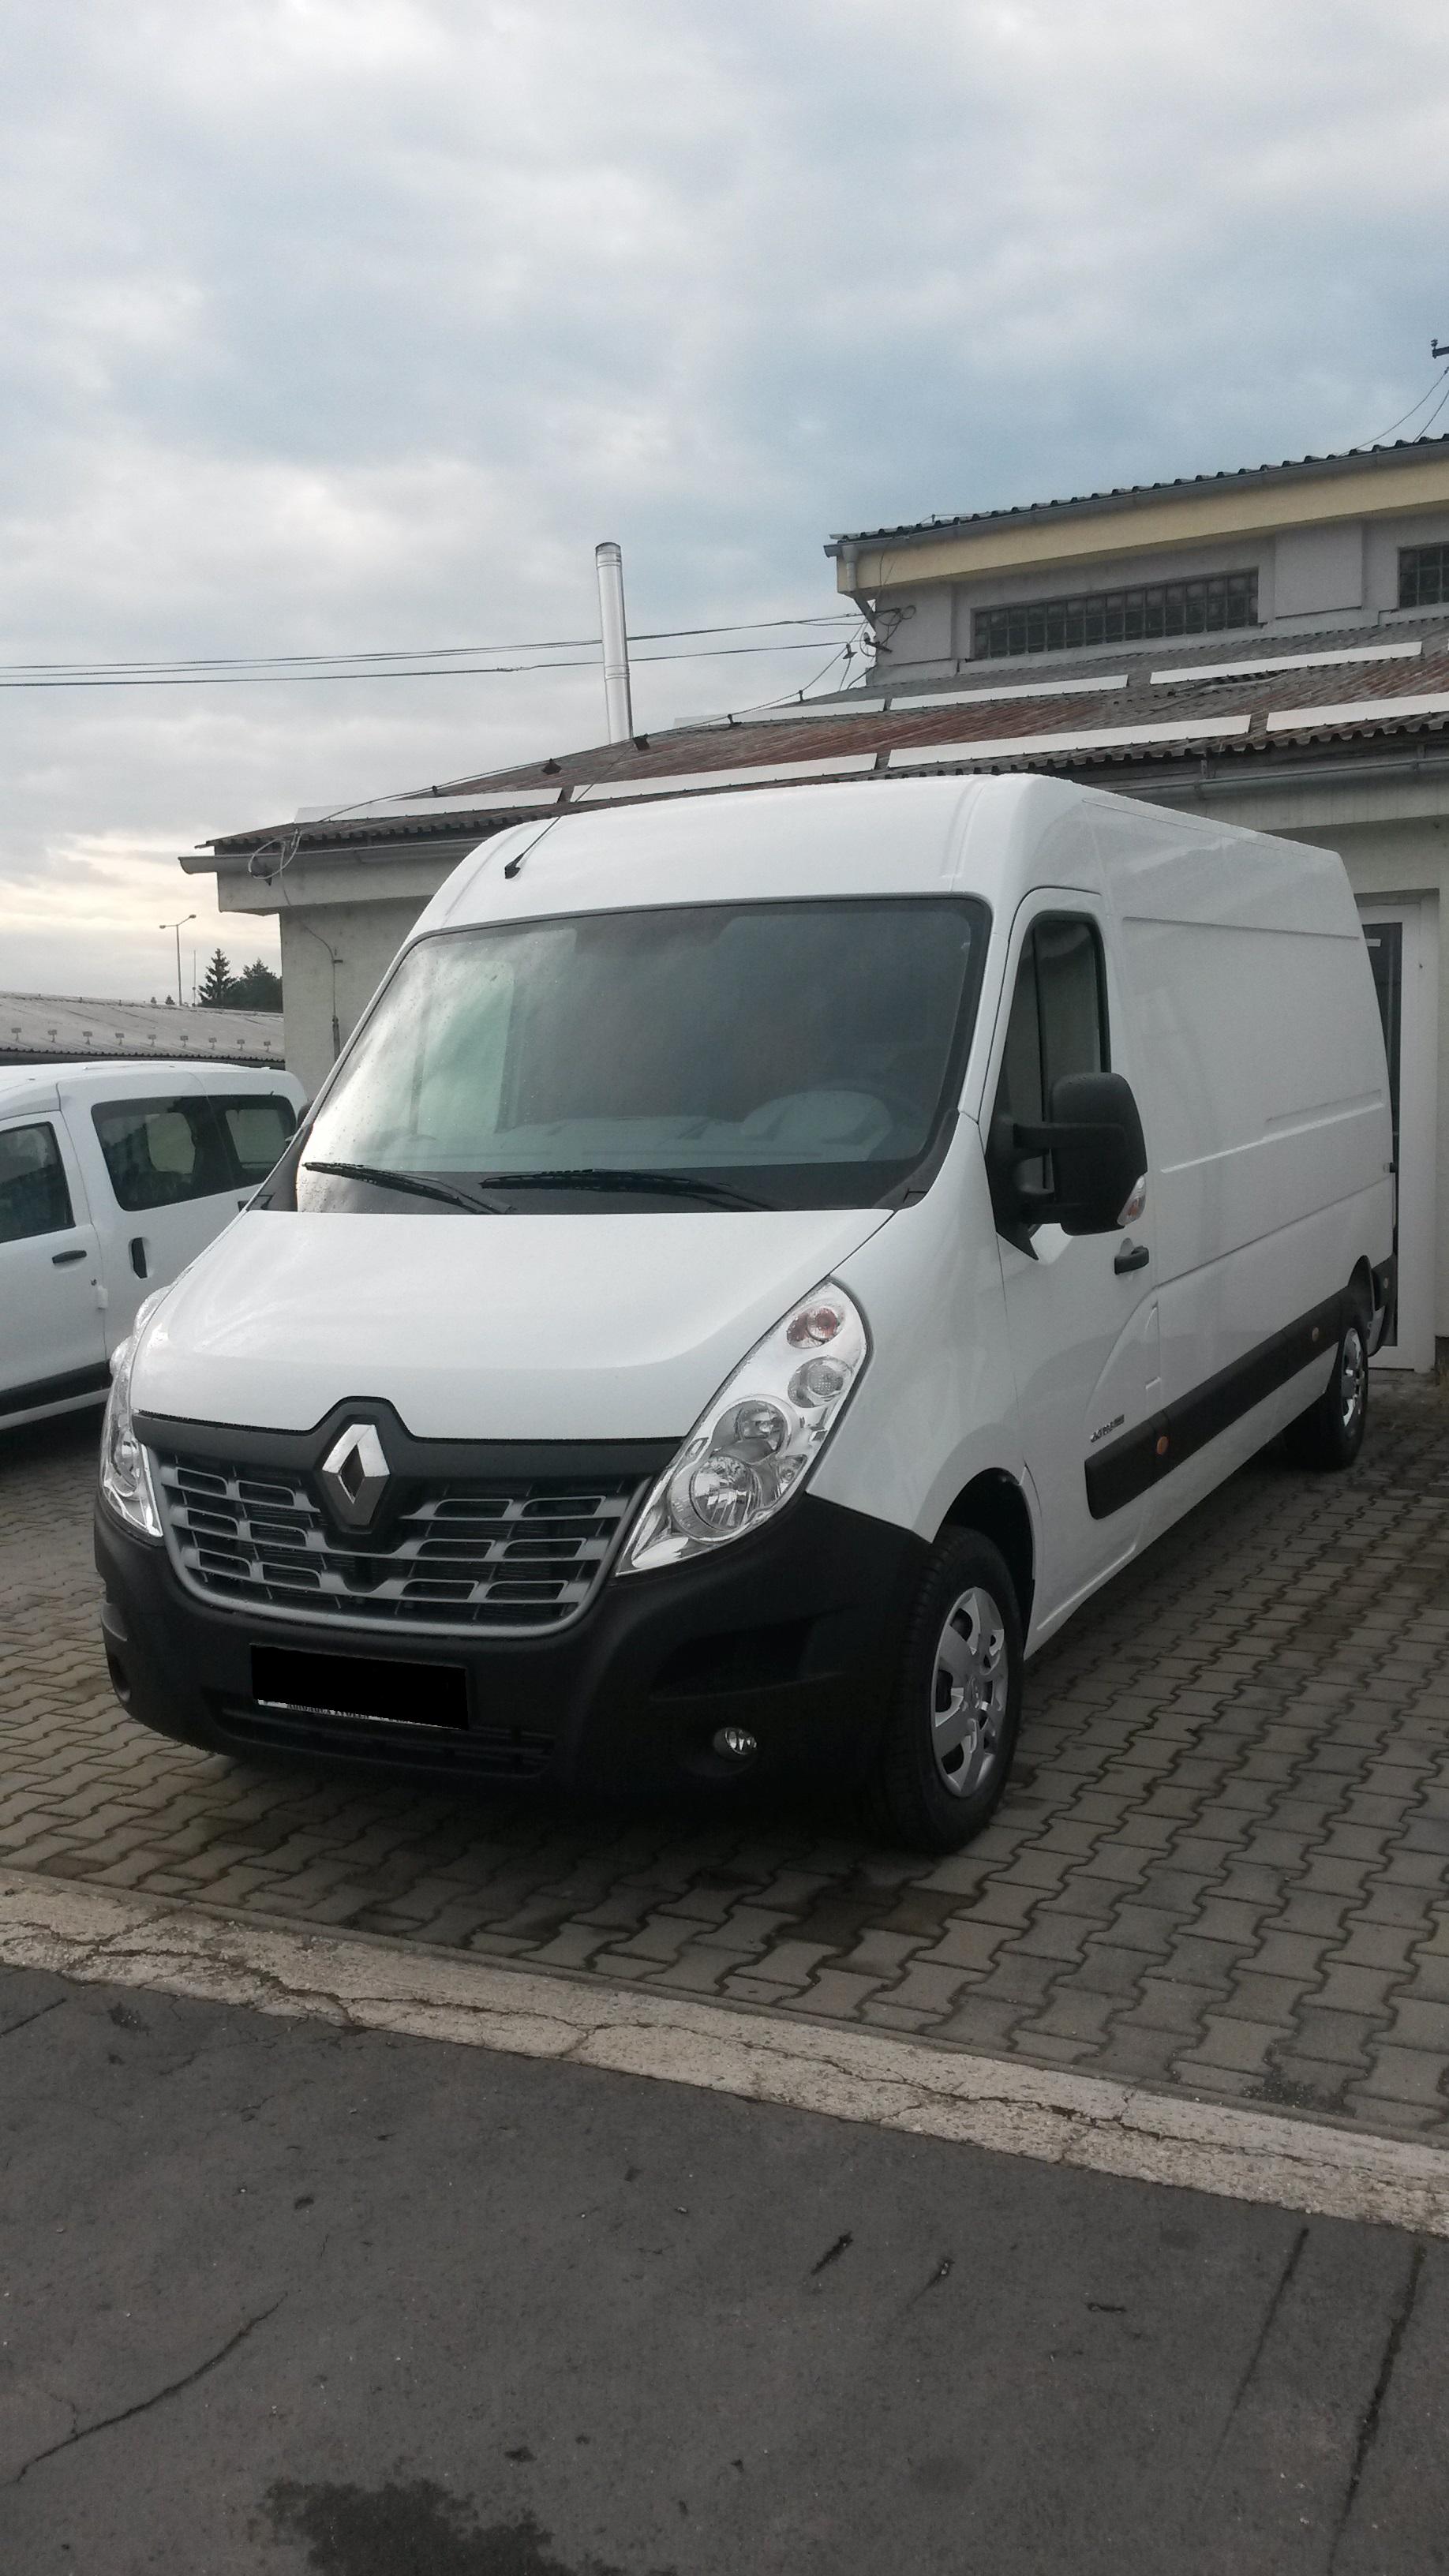 9miestneauto - prenájom úžitkového vozidla Renault Master - predný pohľad